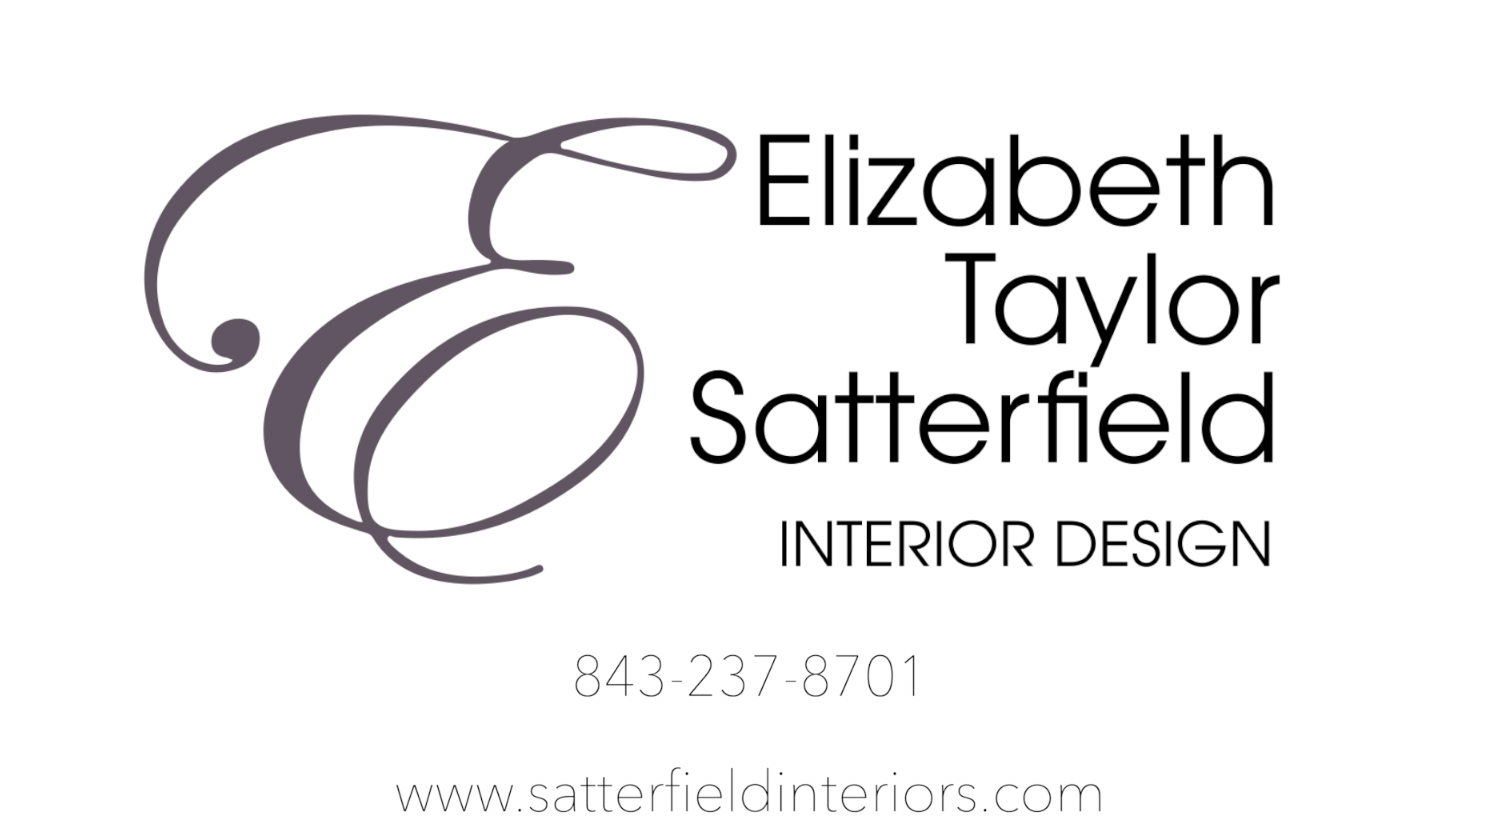 Satterfield Interior Design Myrtle Beach Interior Design Firm Satterfield Interiors